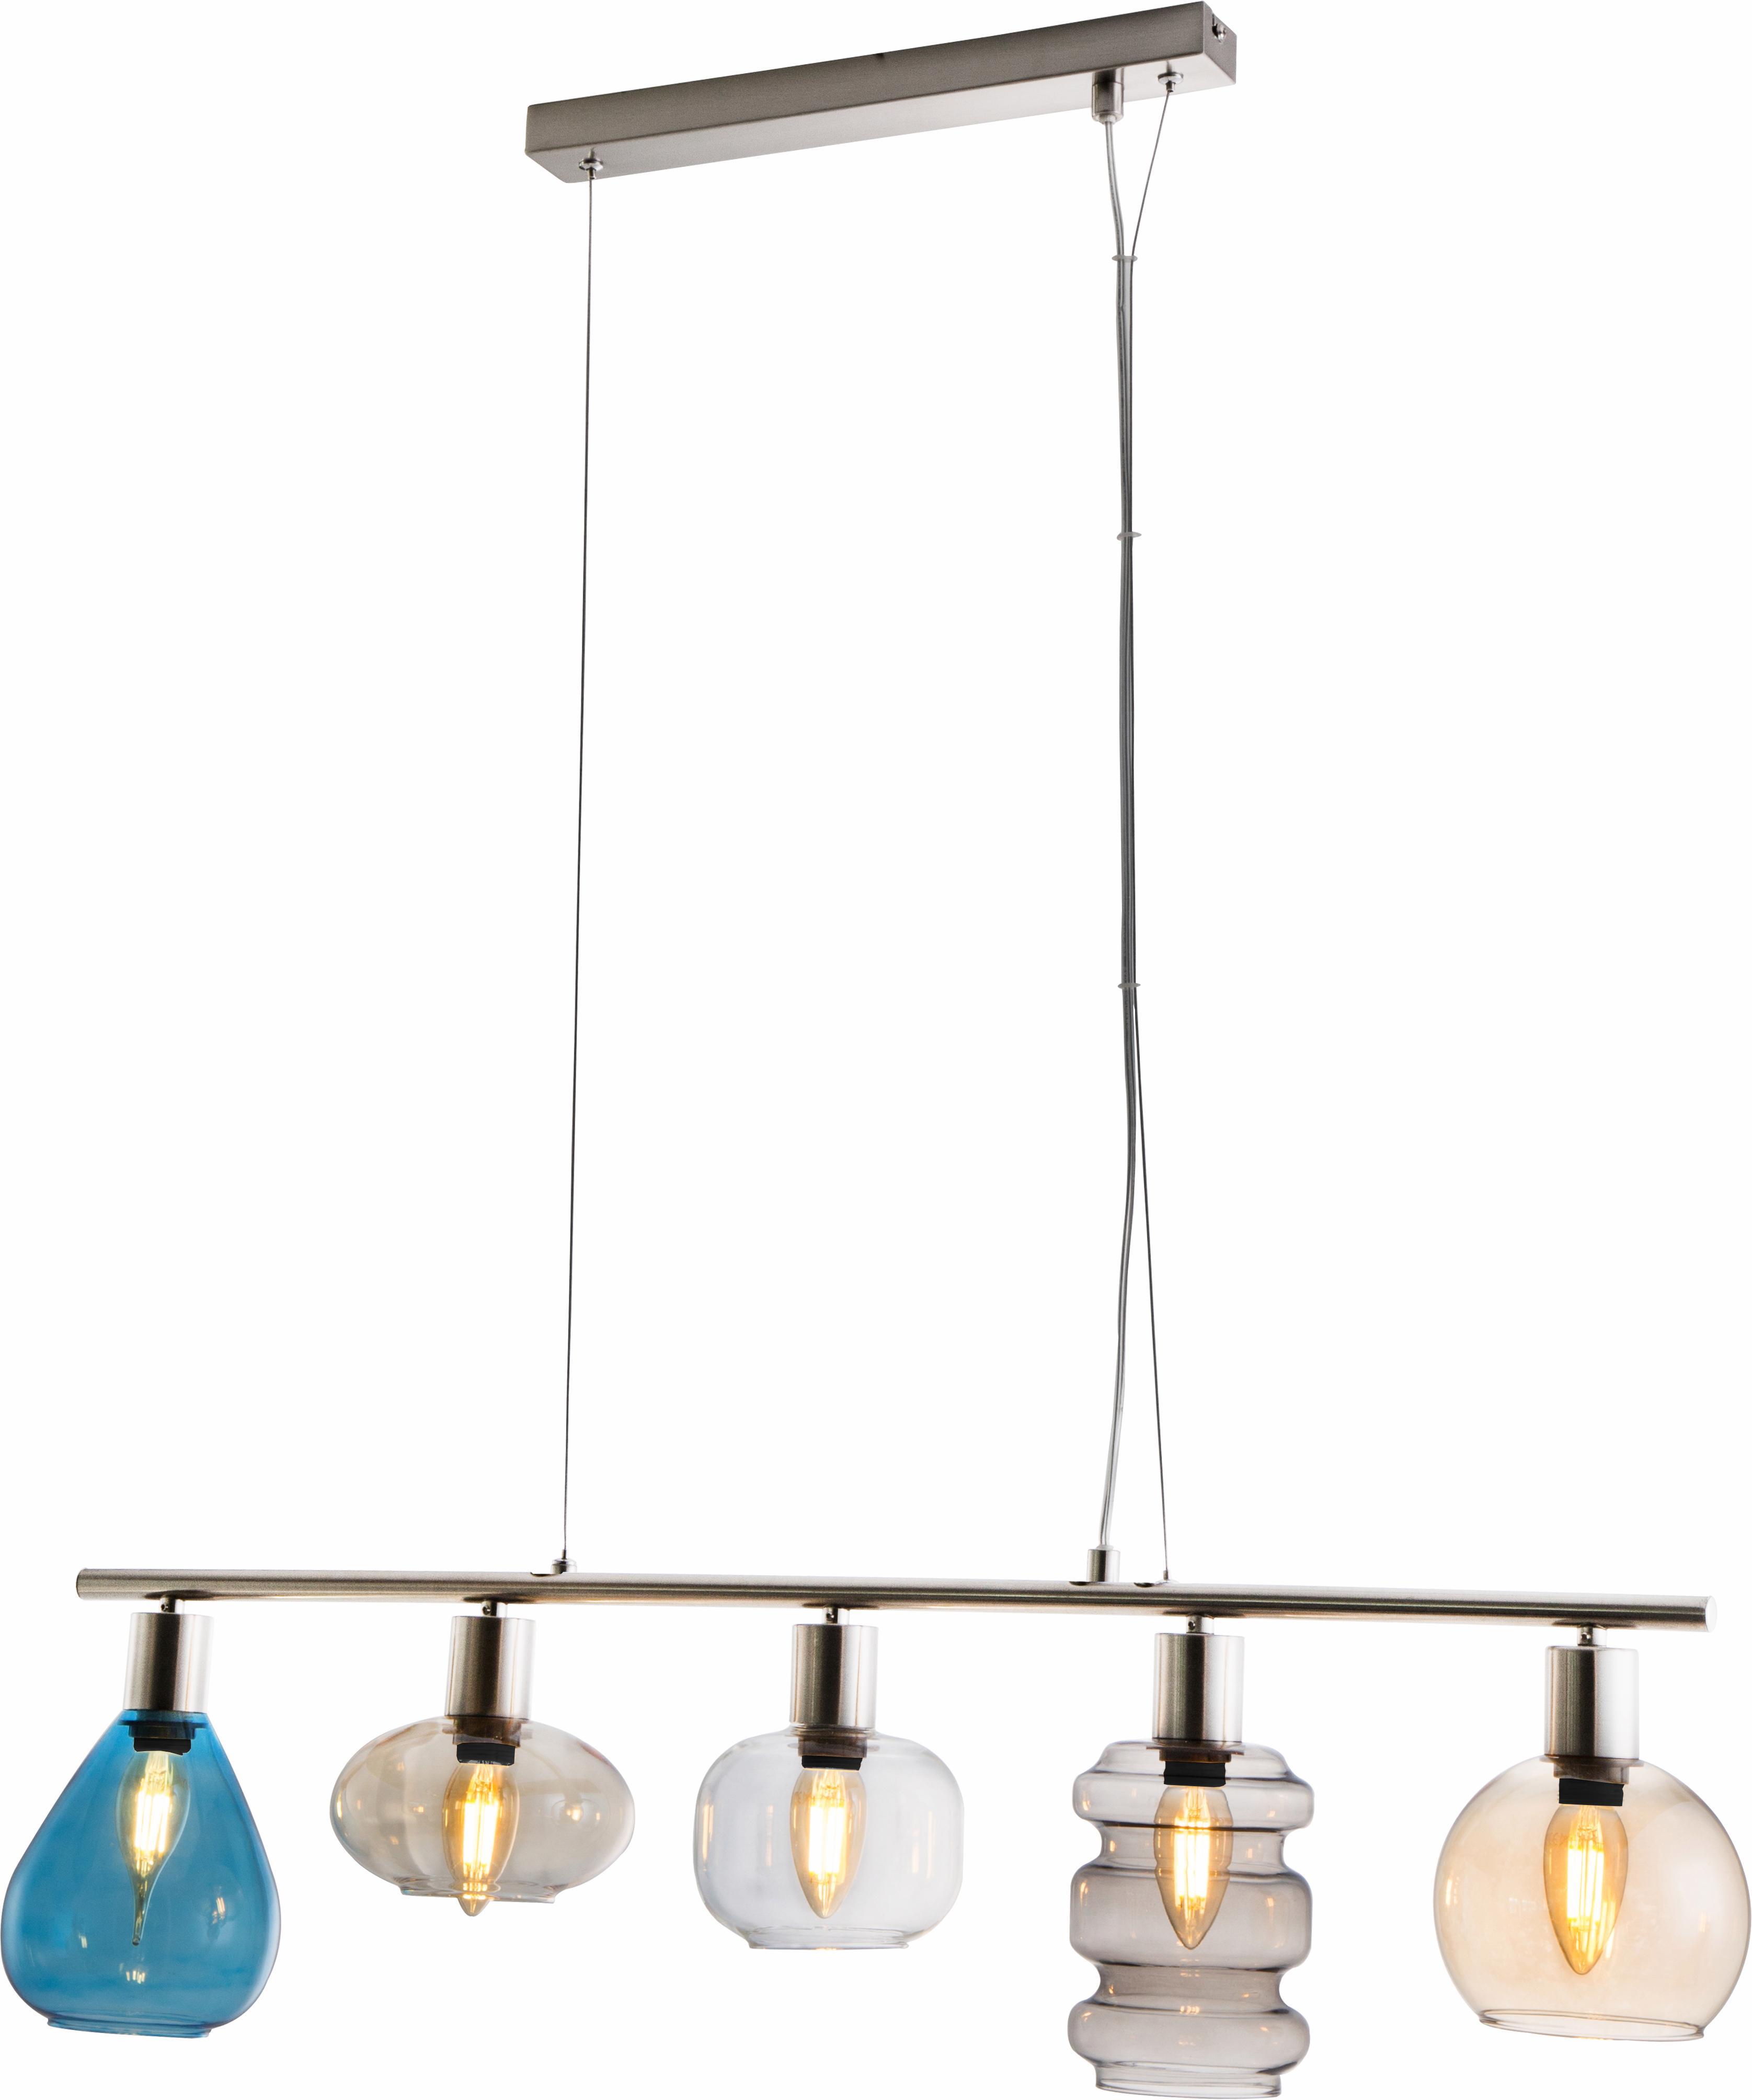 Nino Leuchten Pendelleuchte PESARO, E14, Hängeleuchte, Hängelampe, dimmbar